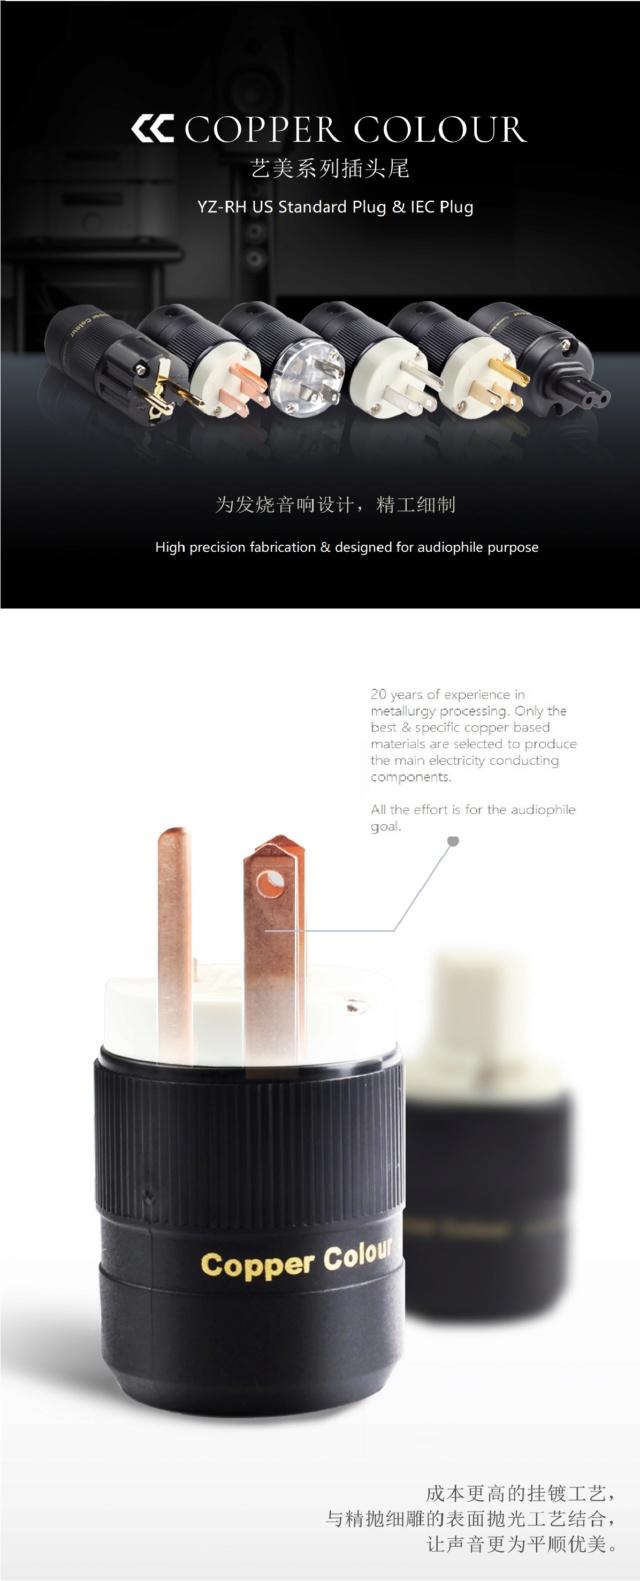 Copper Color YZ-RH Rhodium Plated Copper Power Plug (US Standard) Yz-rh_10